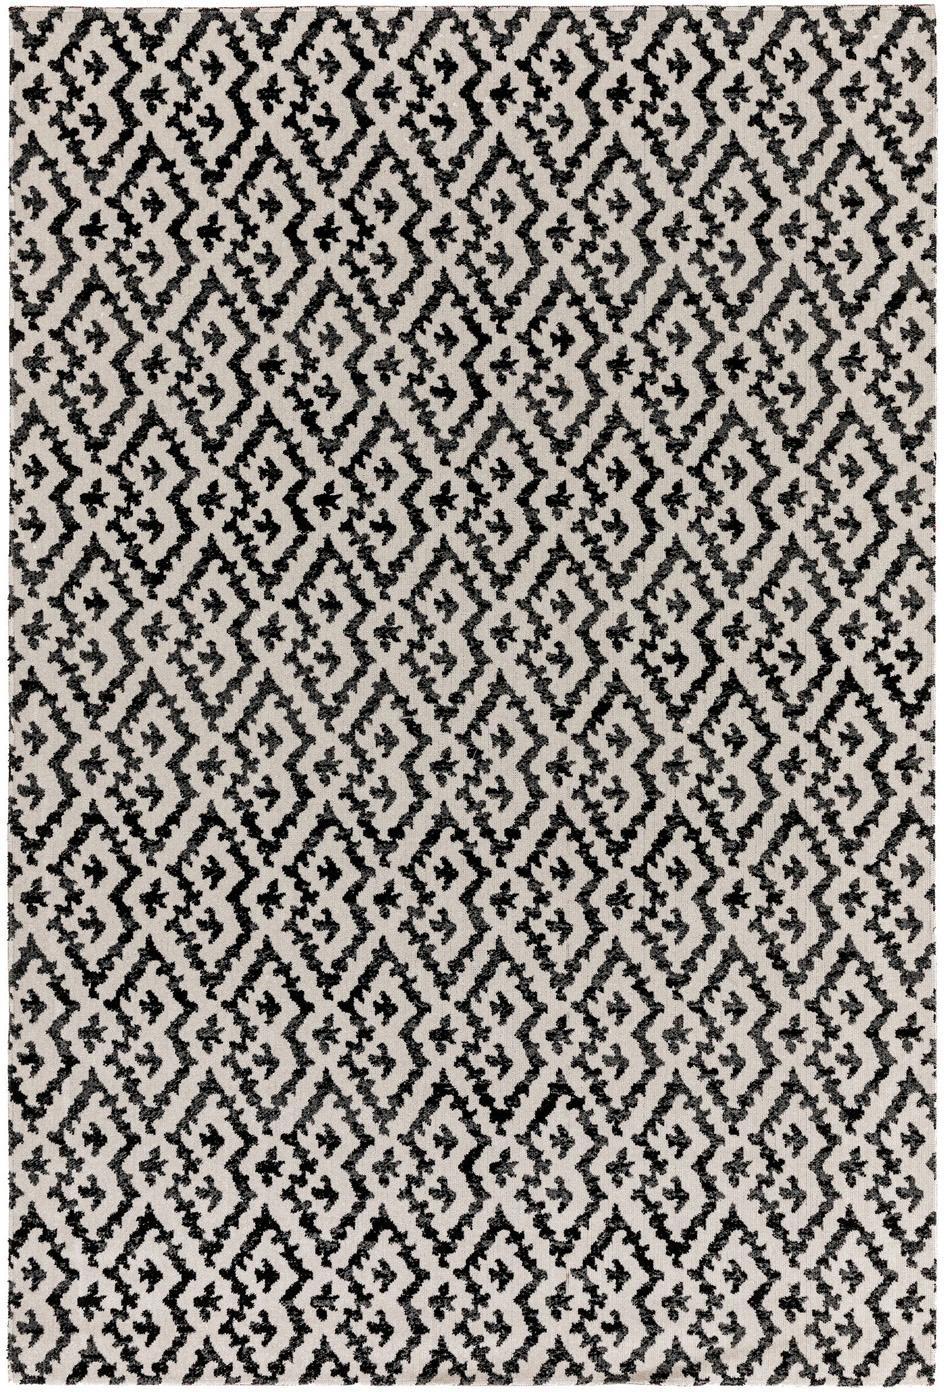 Dywan wewnętrzny/zewnętrzny etno Jerry, 100% polipropylen, Czarny, biały, S 80 x D 150 cm (Rozmiar XS)